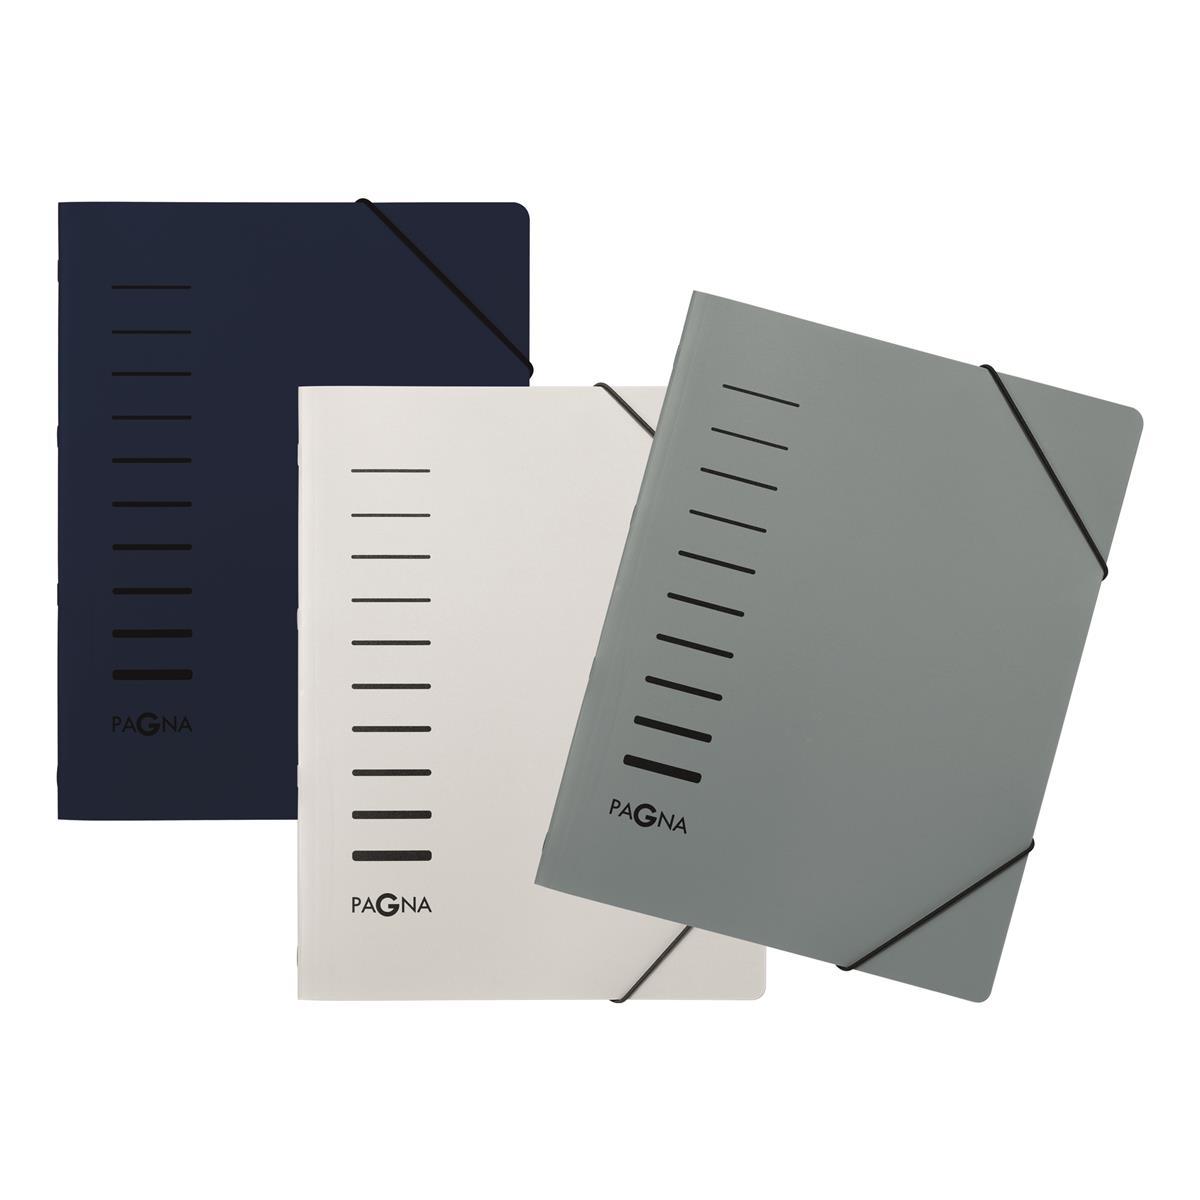 Pagna Starter Pack 6 Part File Elastic Corner Straps Polypropylene A4 Assorted Ref 4005500 [Pack 3]